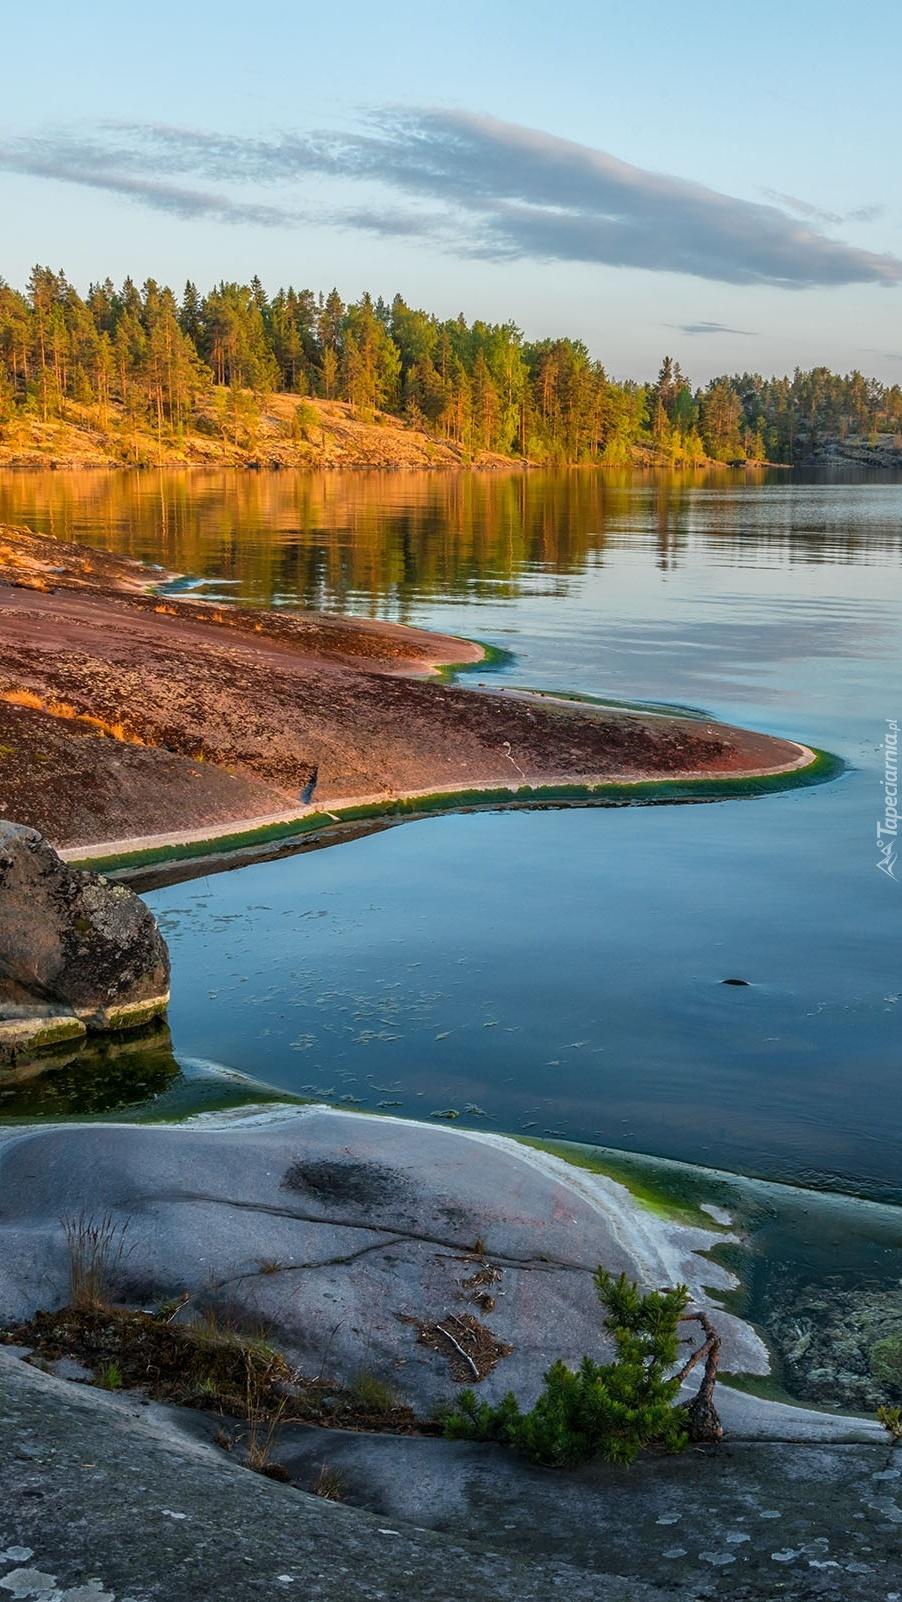 Brzeg nad jeziorem Ładoga